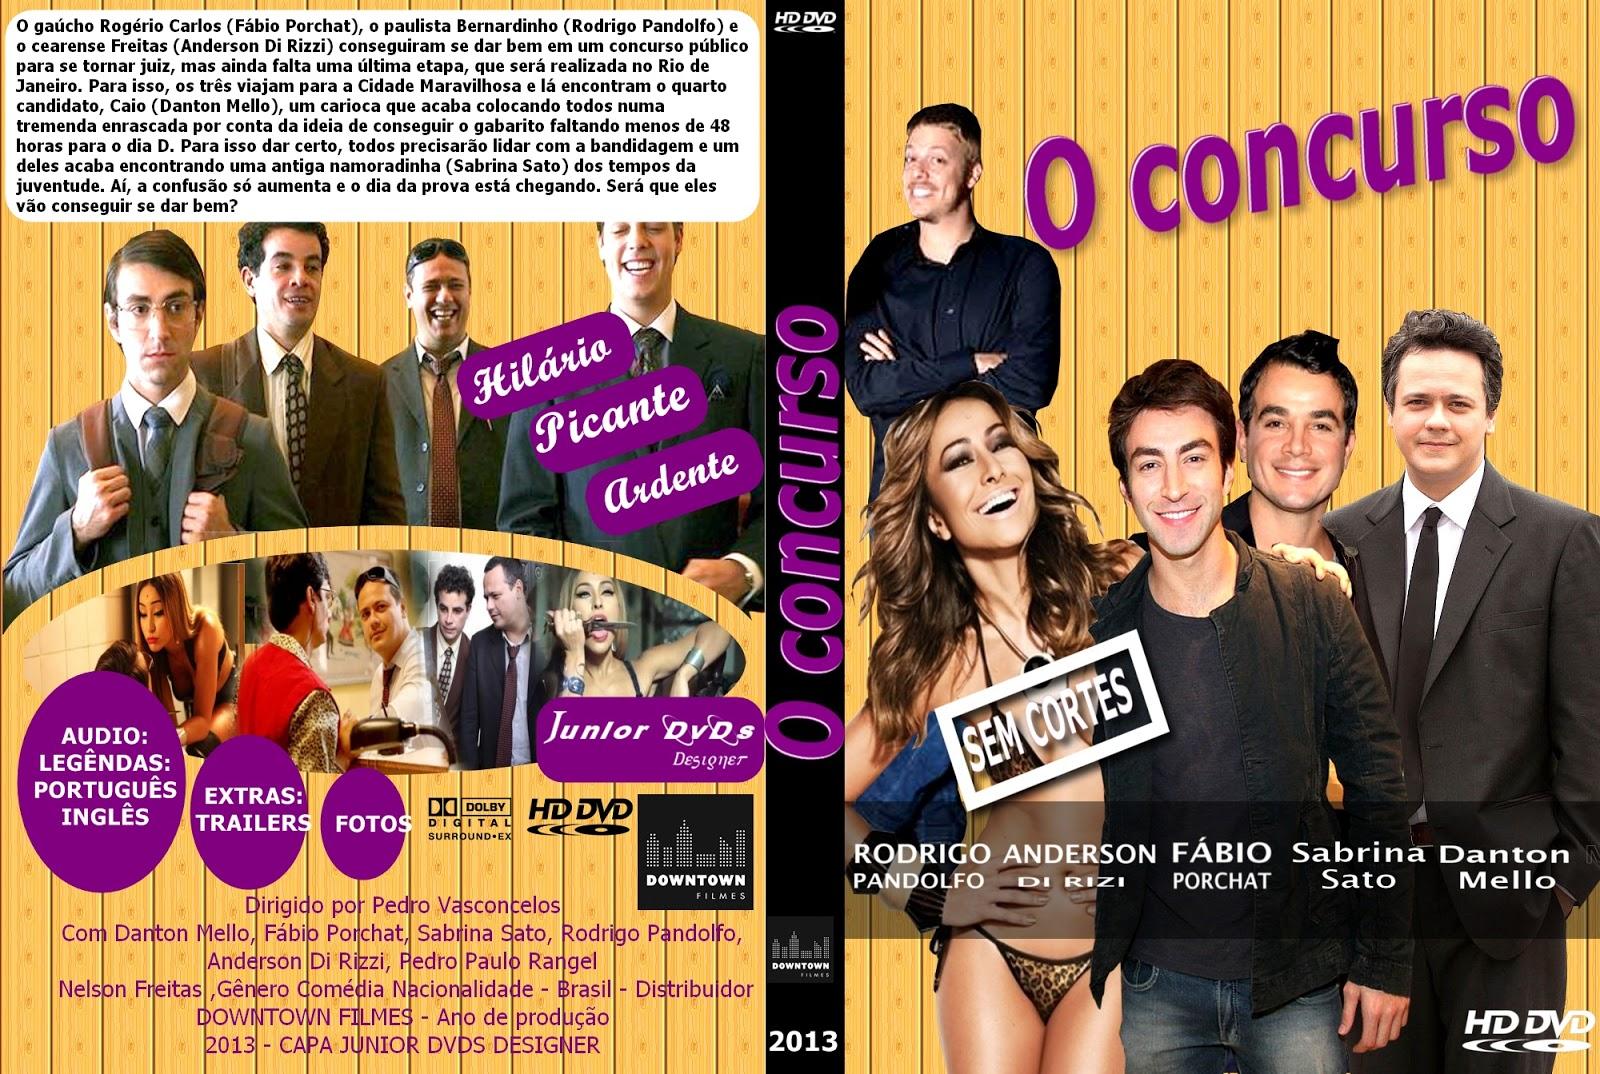 Capa Filme - O Concurso (J.Dvds)